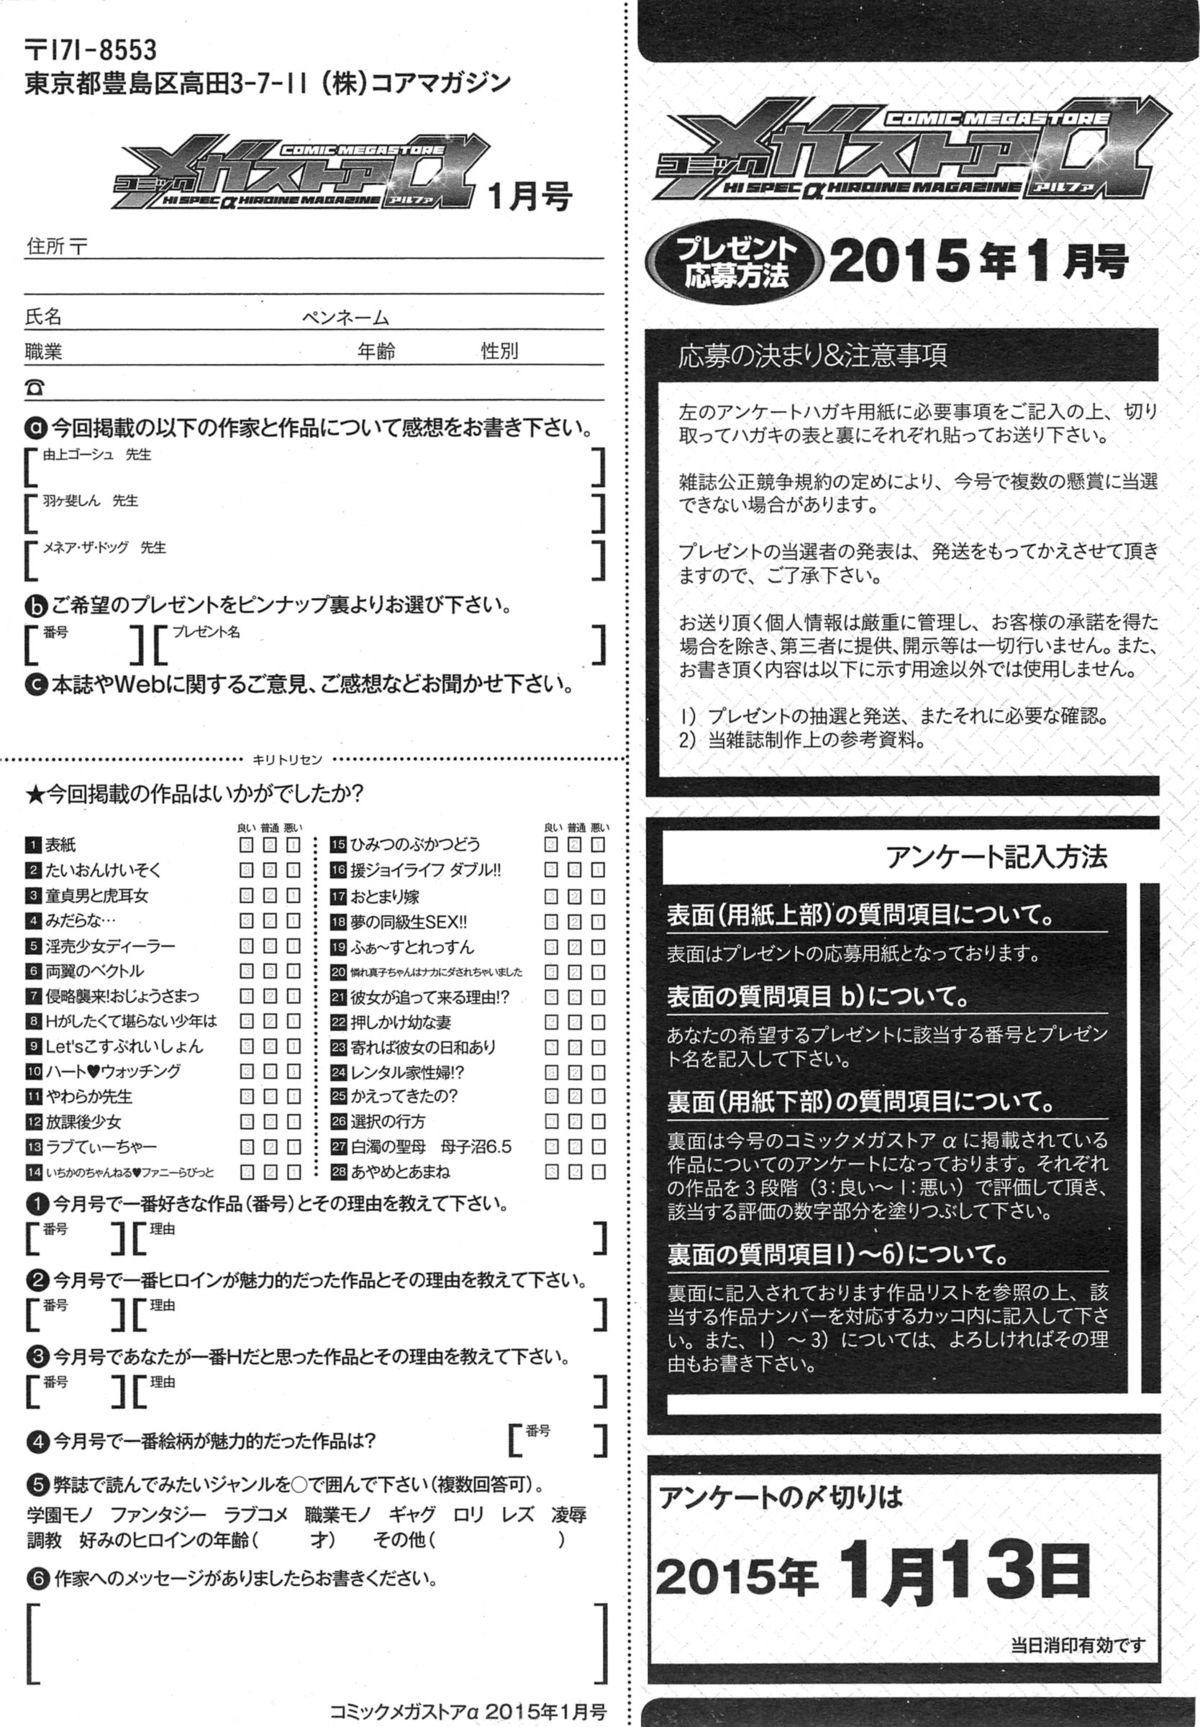 COMIC Megastore Alpha 2015-01 540